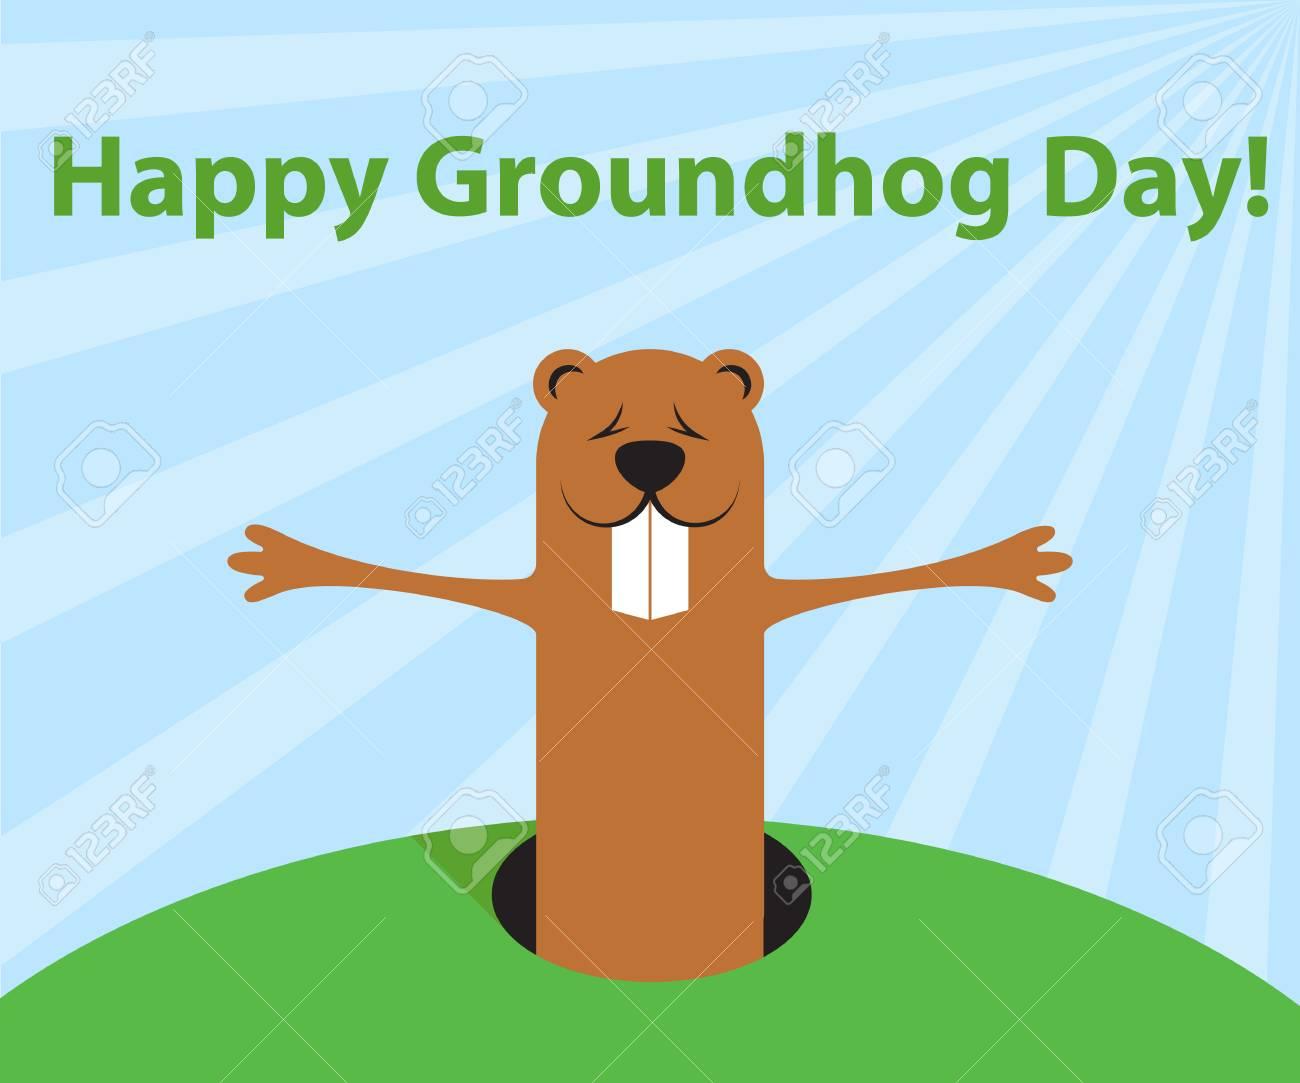 Personaje De Dibujos Animados Divertido Del Día De La Marmota De La